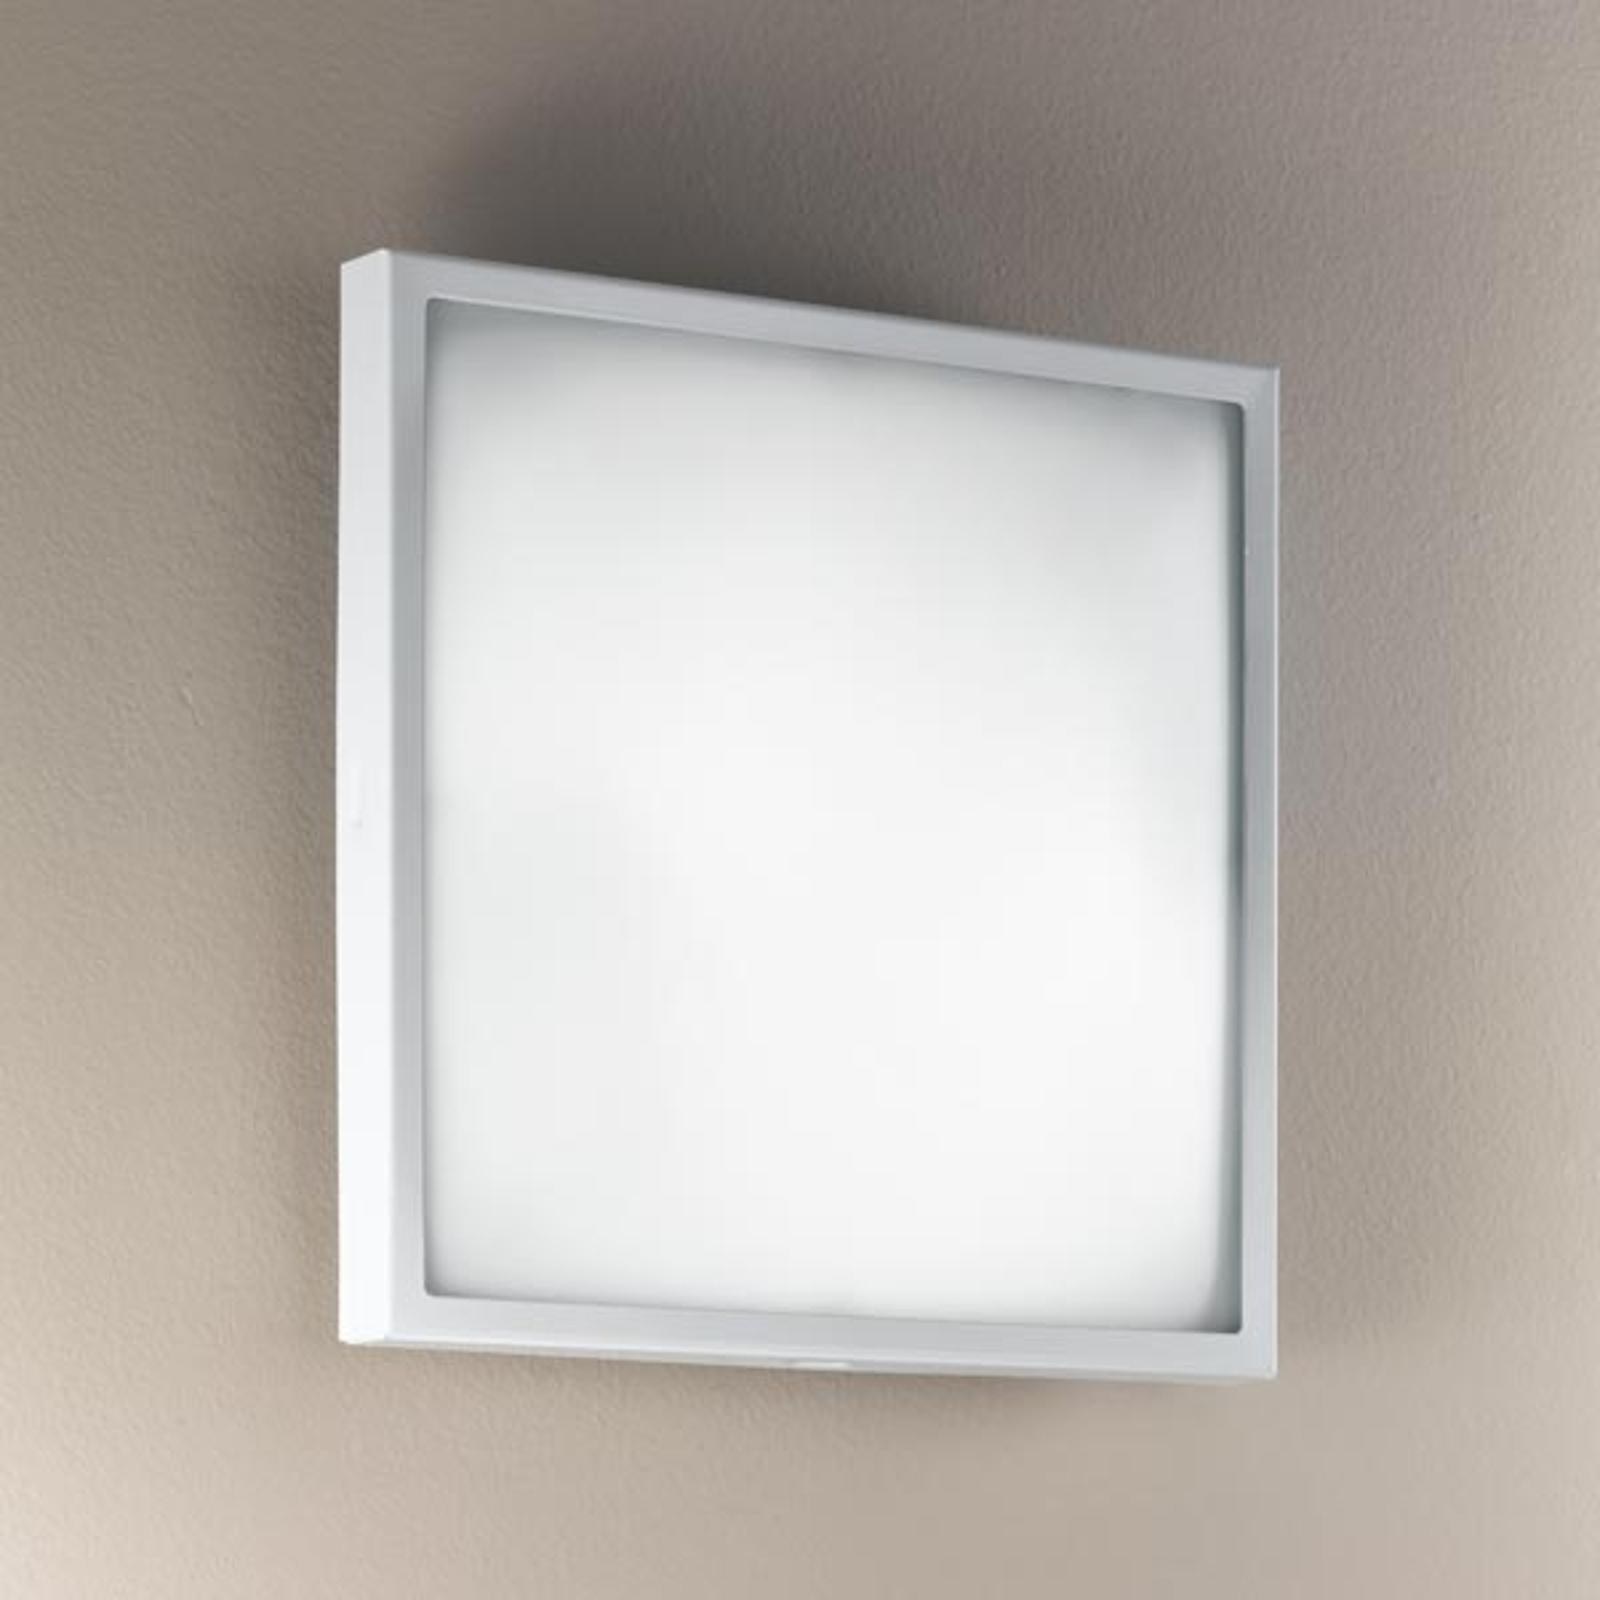 Lámpara de techo o pared de vidrio OSAKA 30 blanca